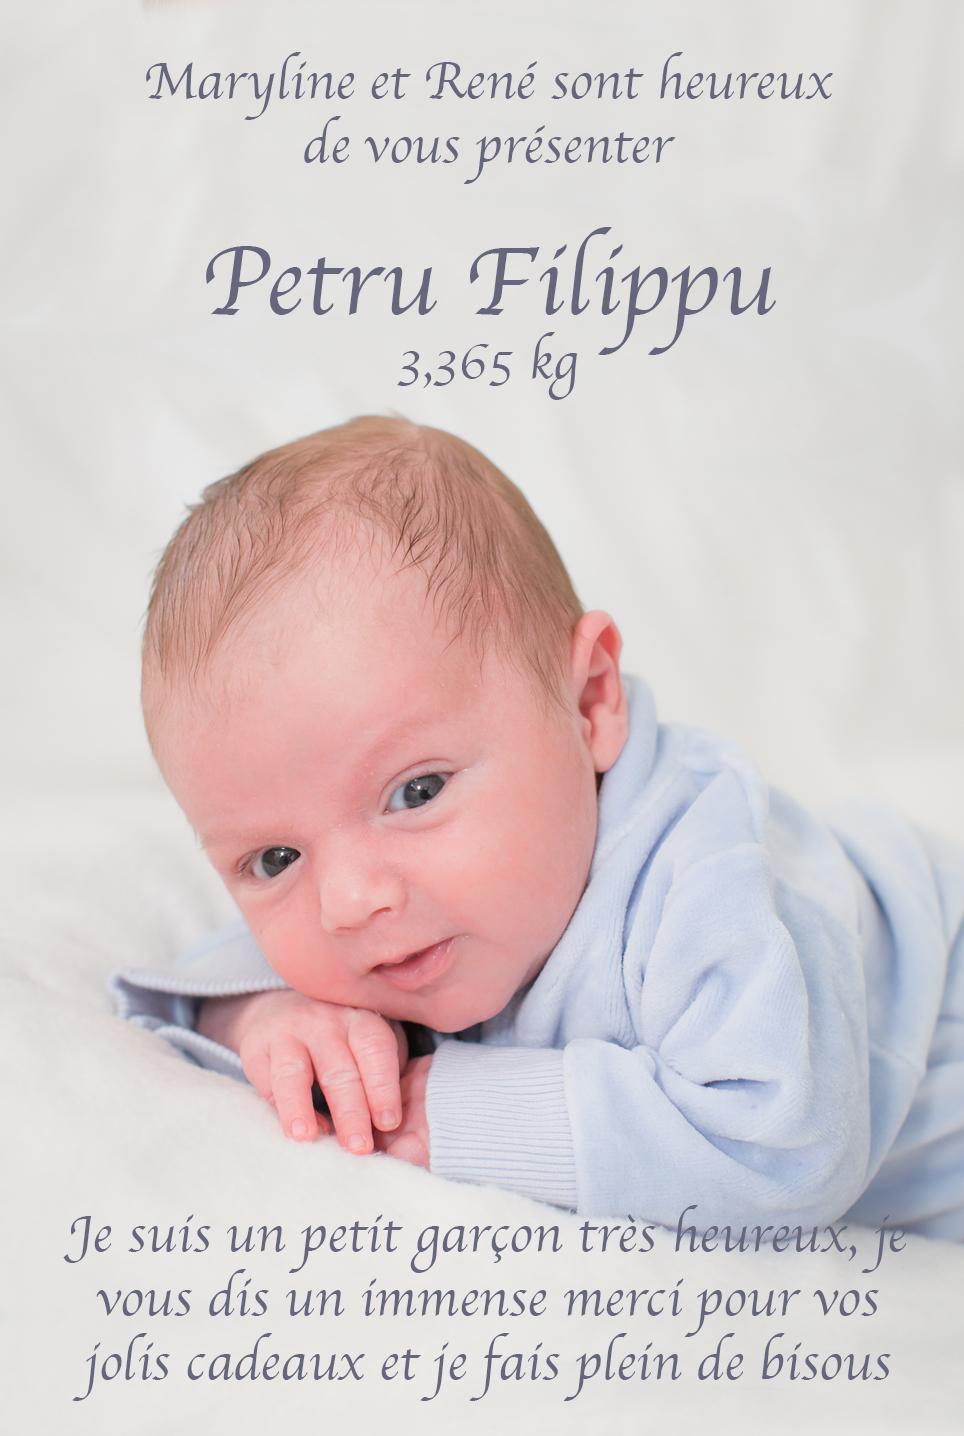 PETRU FILIPPU.jpg